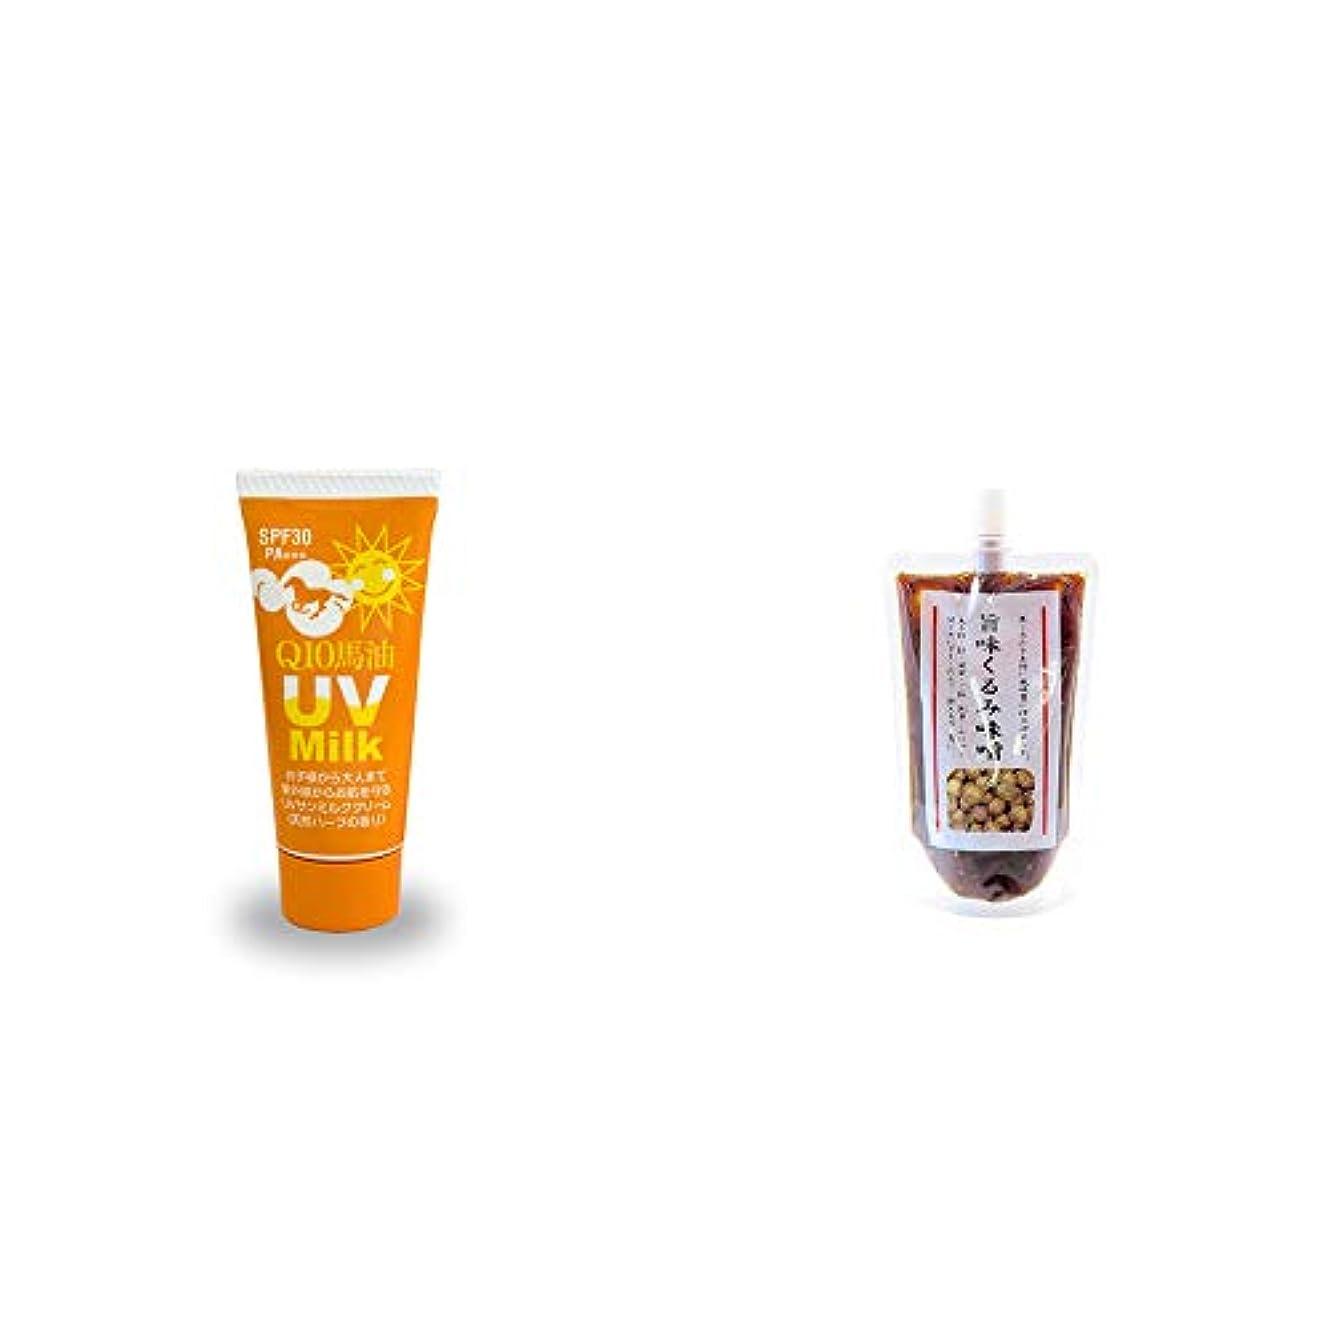 [2点セット] 炭黒泉 Q10馬油 UVサンミルク[天然ハーブ](40g)?旨味くるみ味噌(260g)